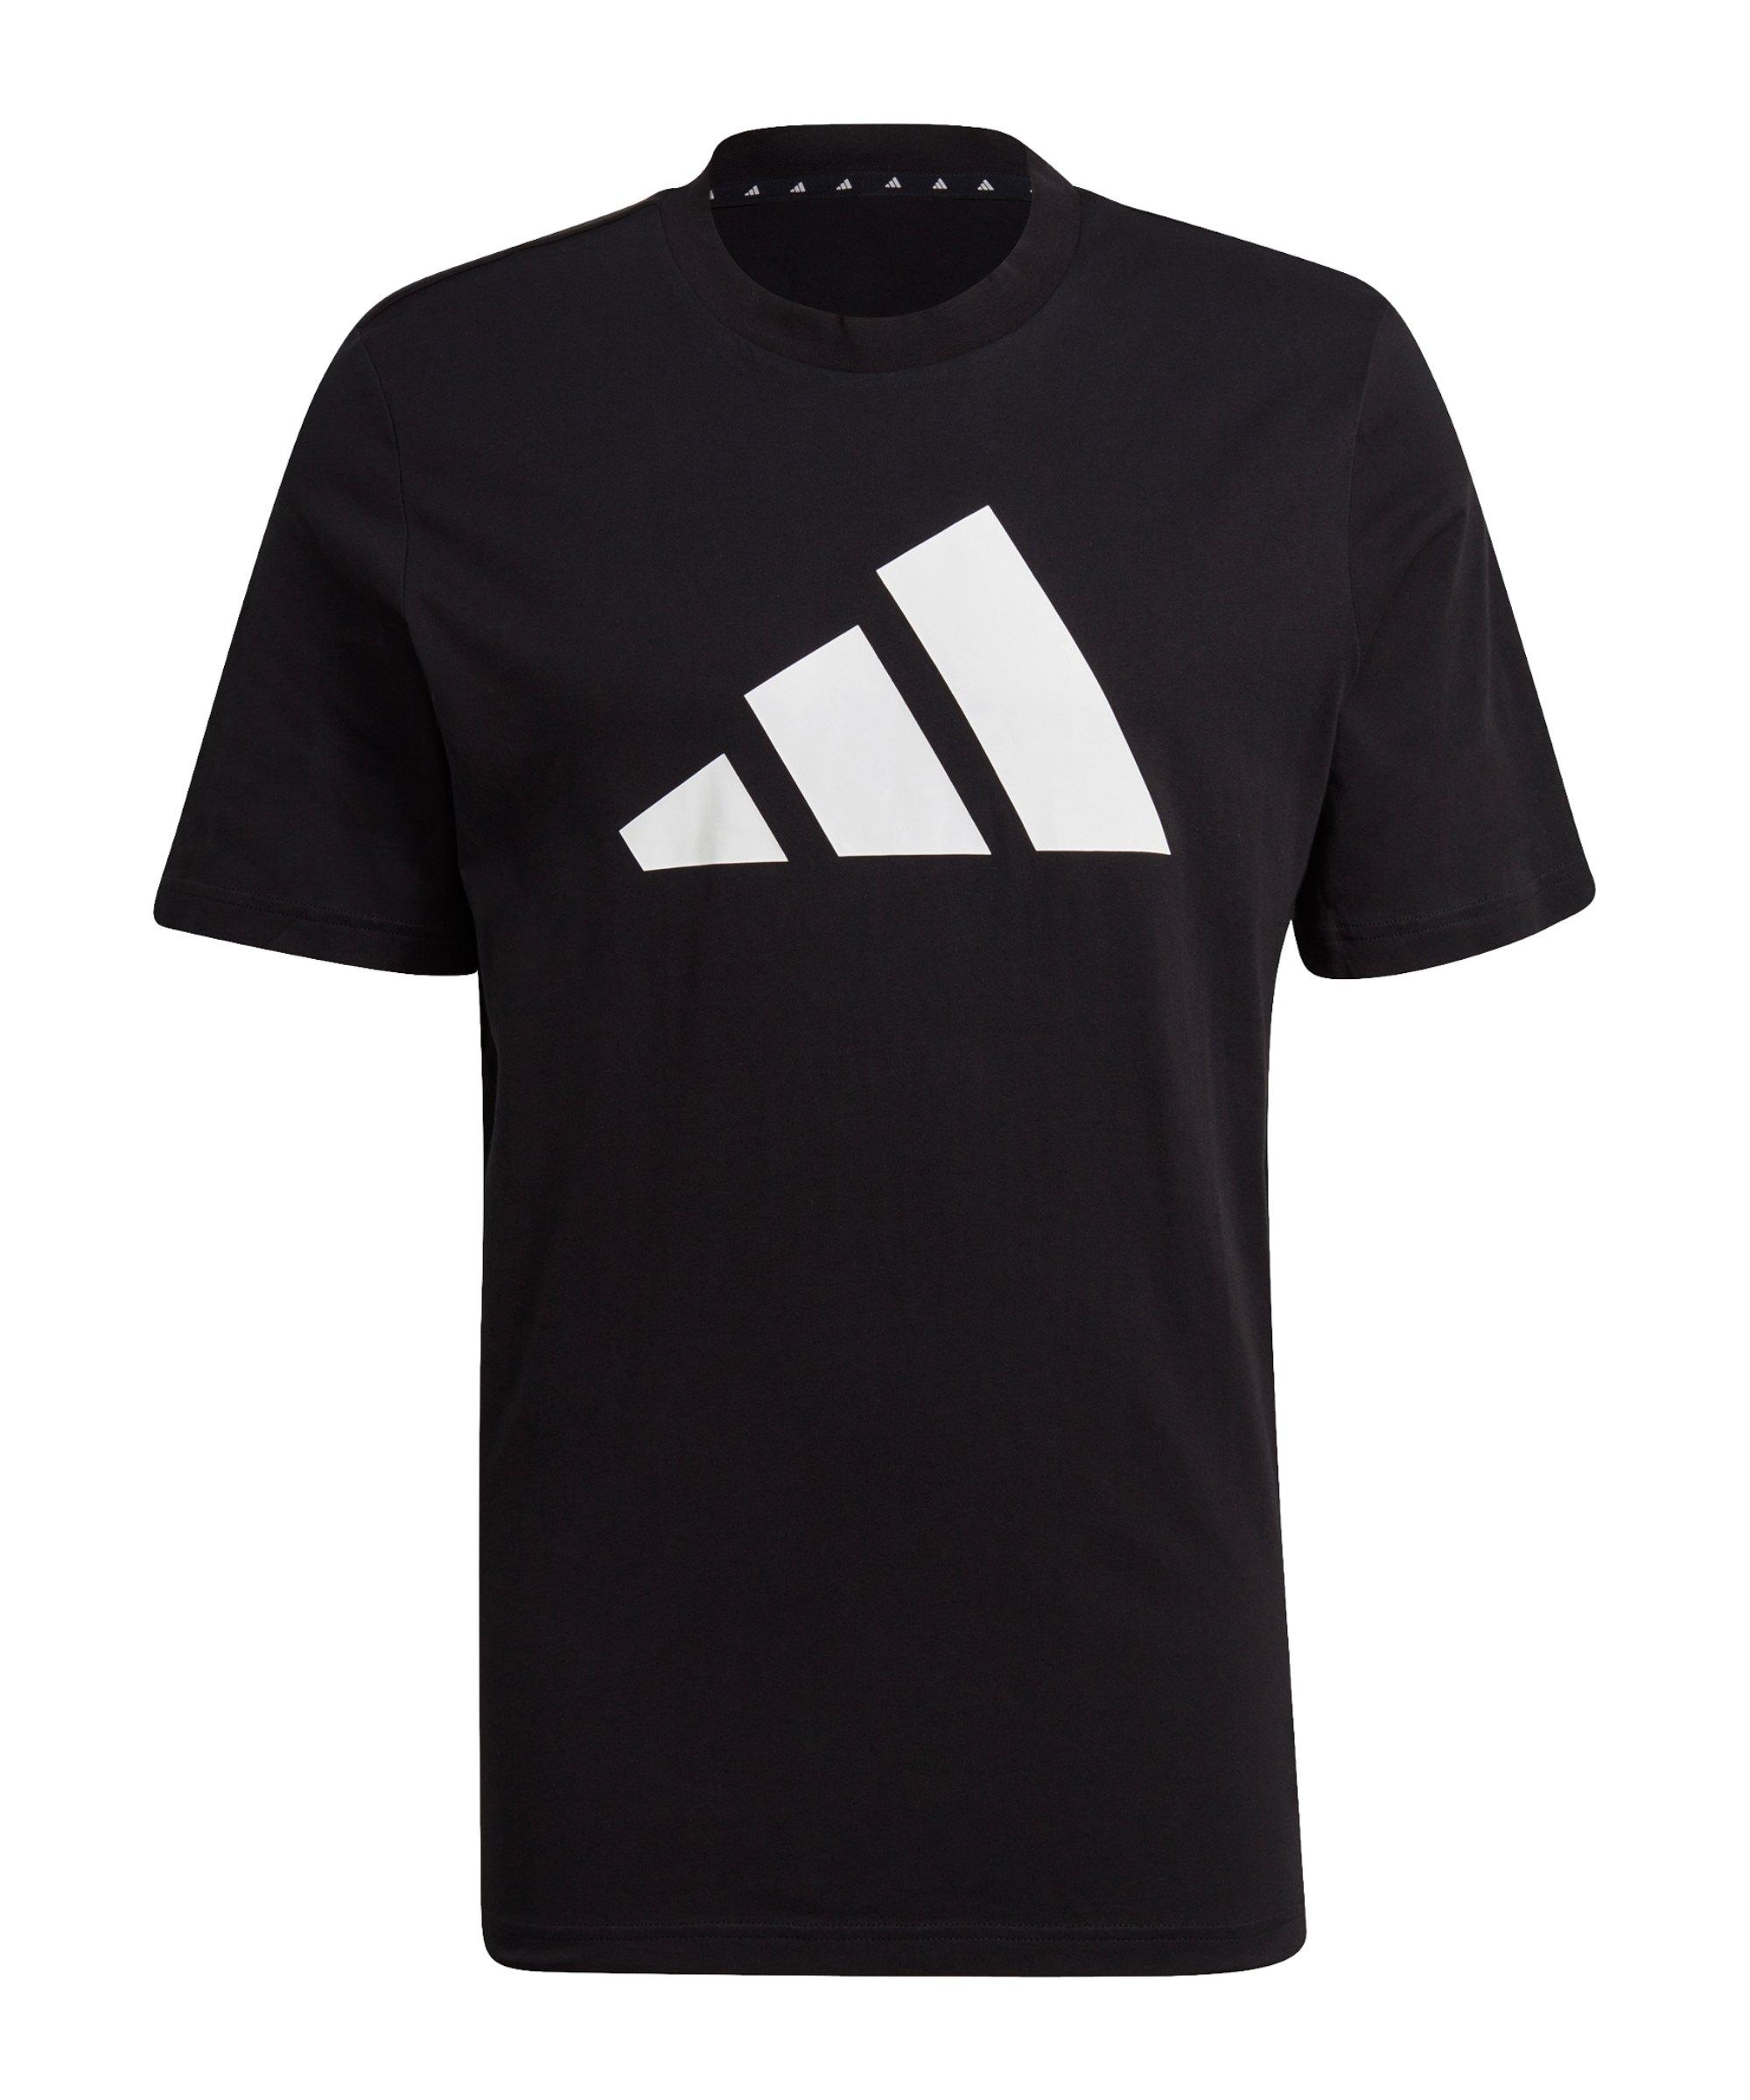 adidas BOS T-Shirt Schwarz Weiss - schwarz